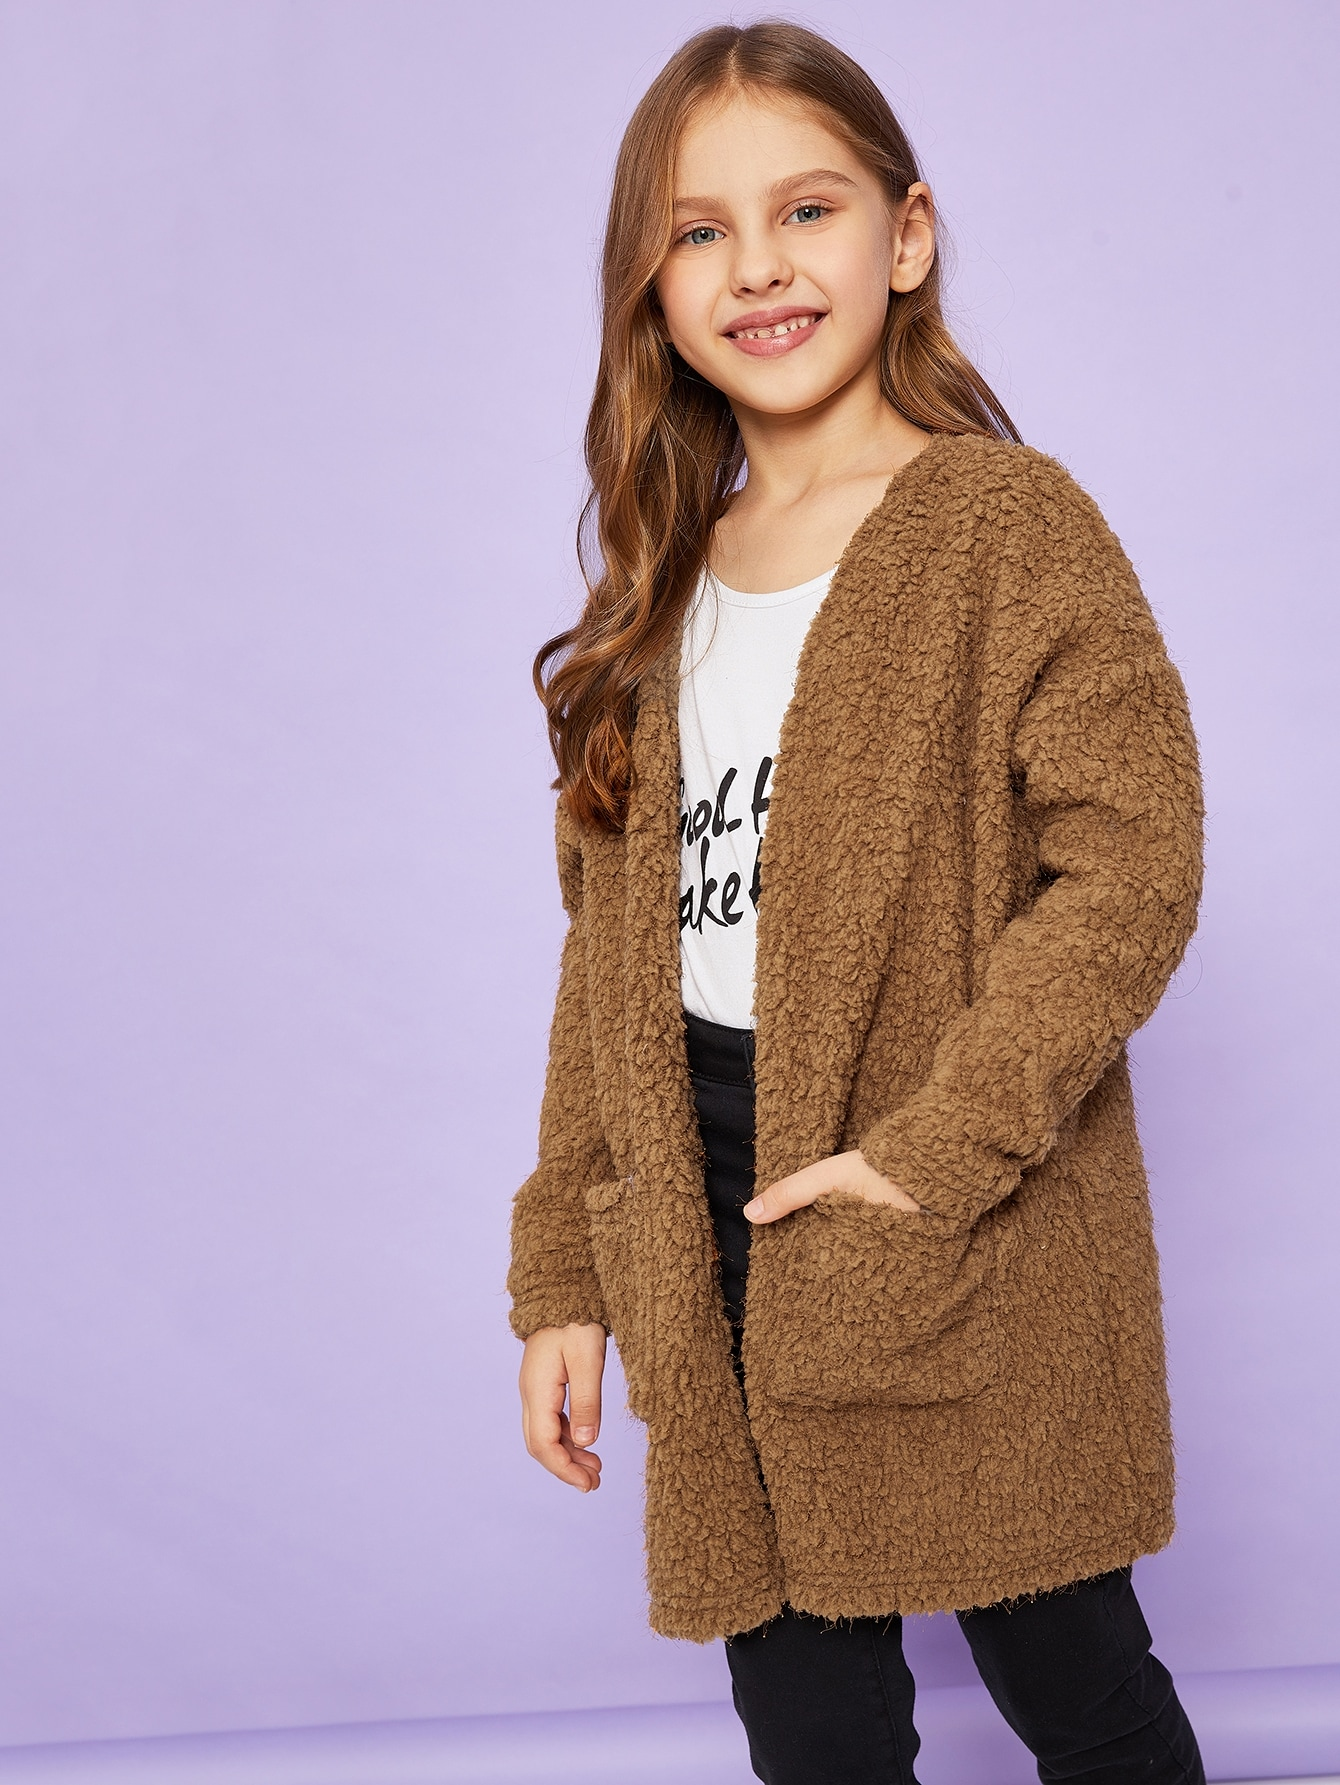 Фото - Плюшевая куртка с карманом для девочек от SheIn коричневого цвета